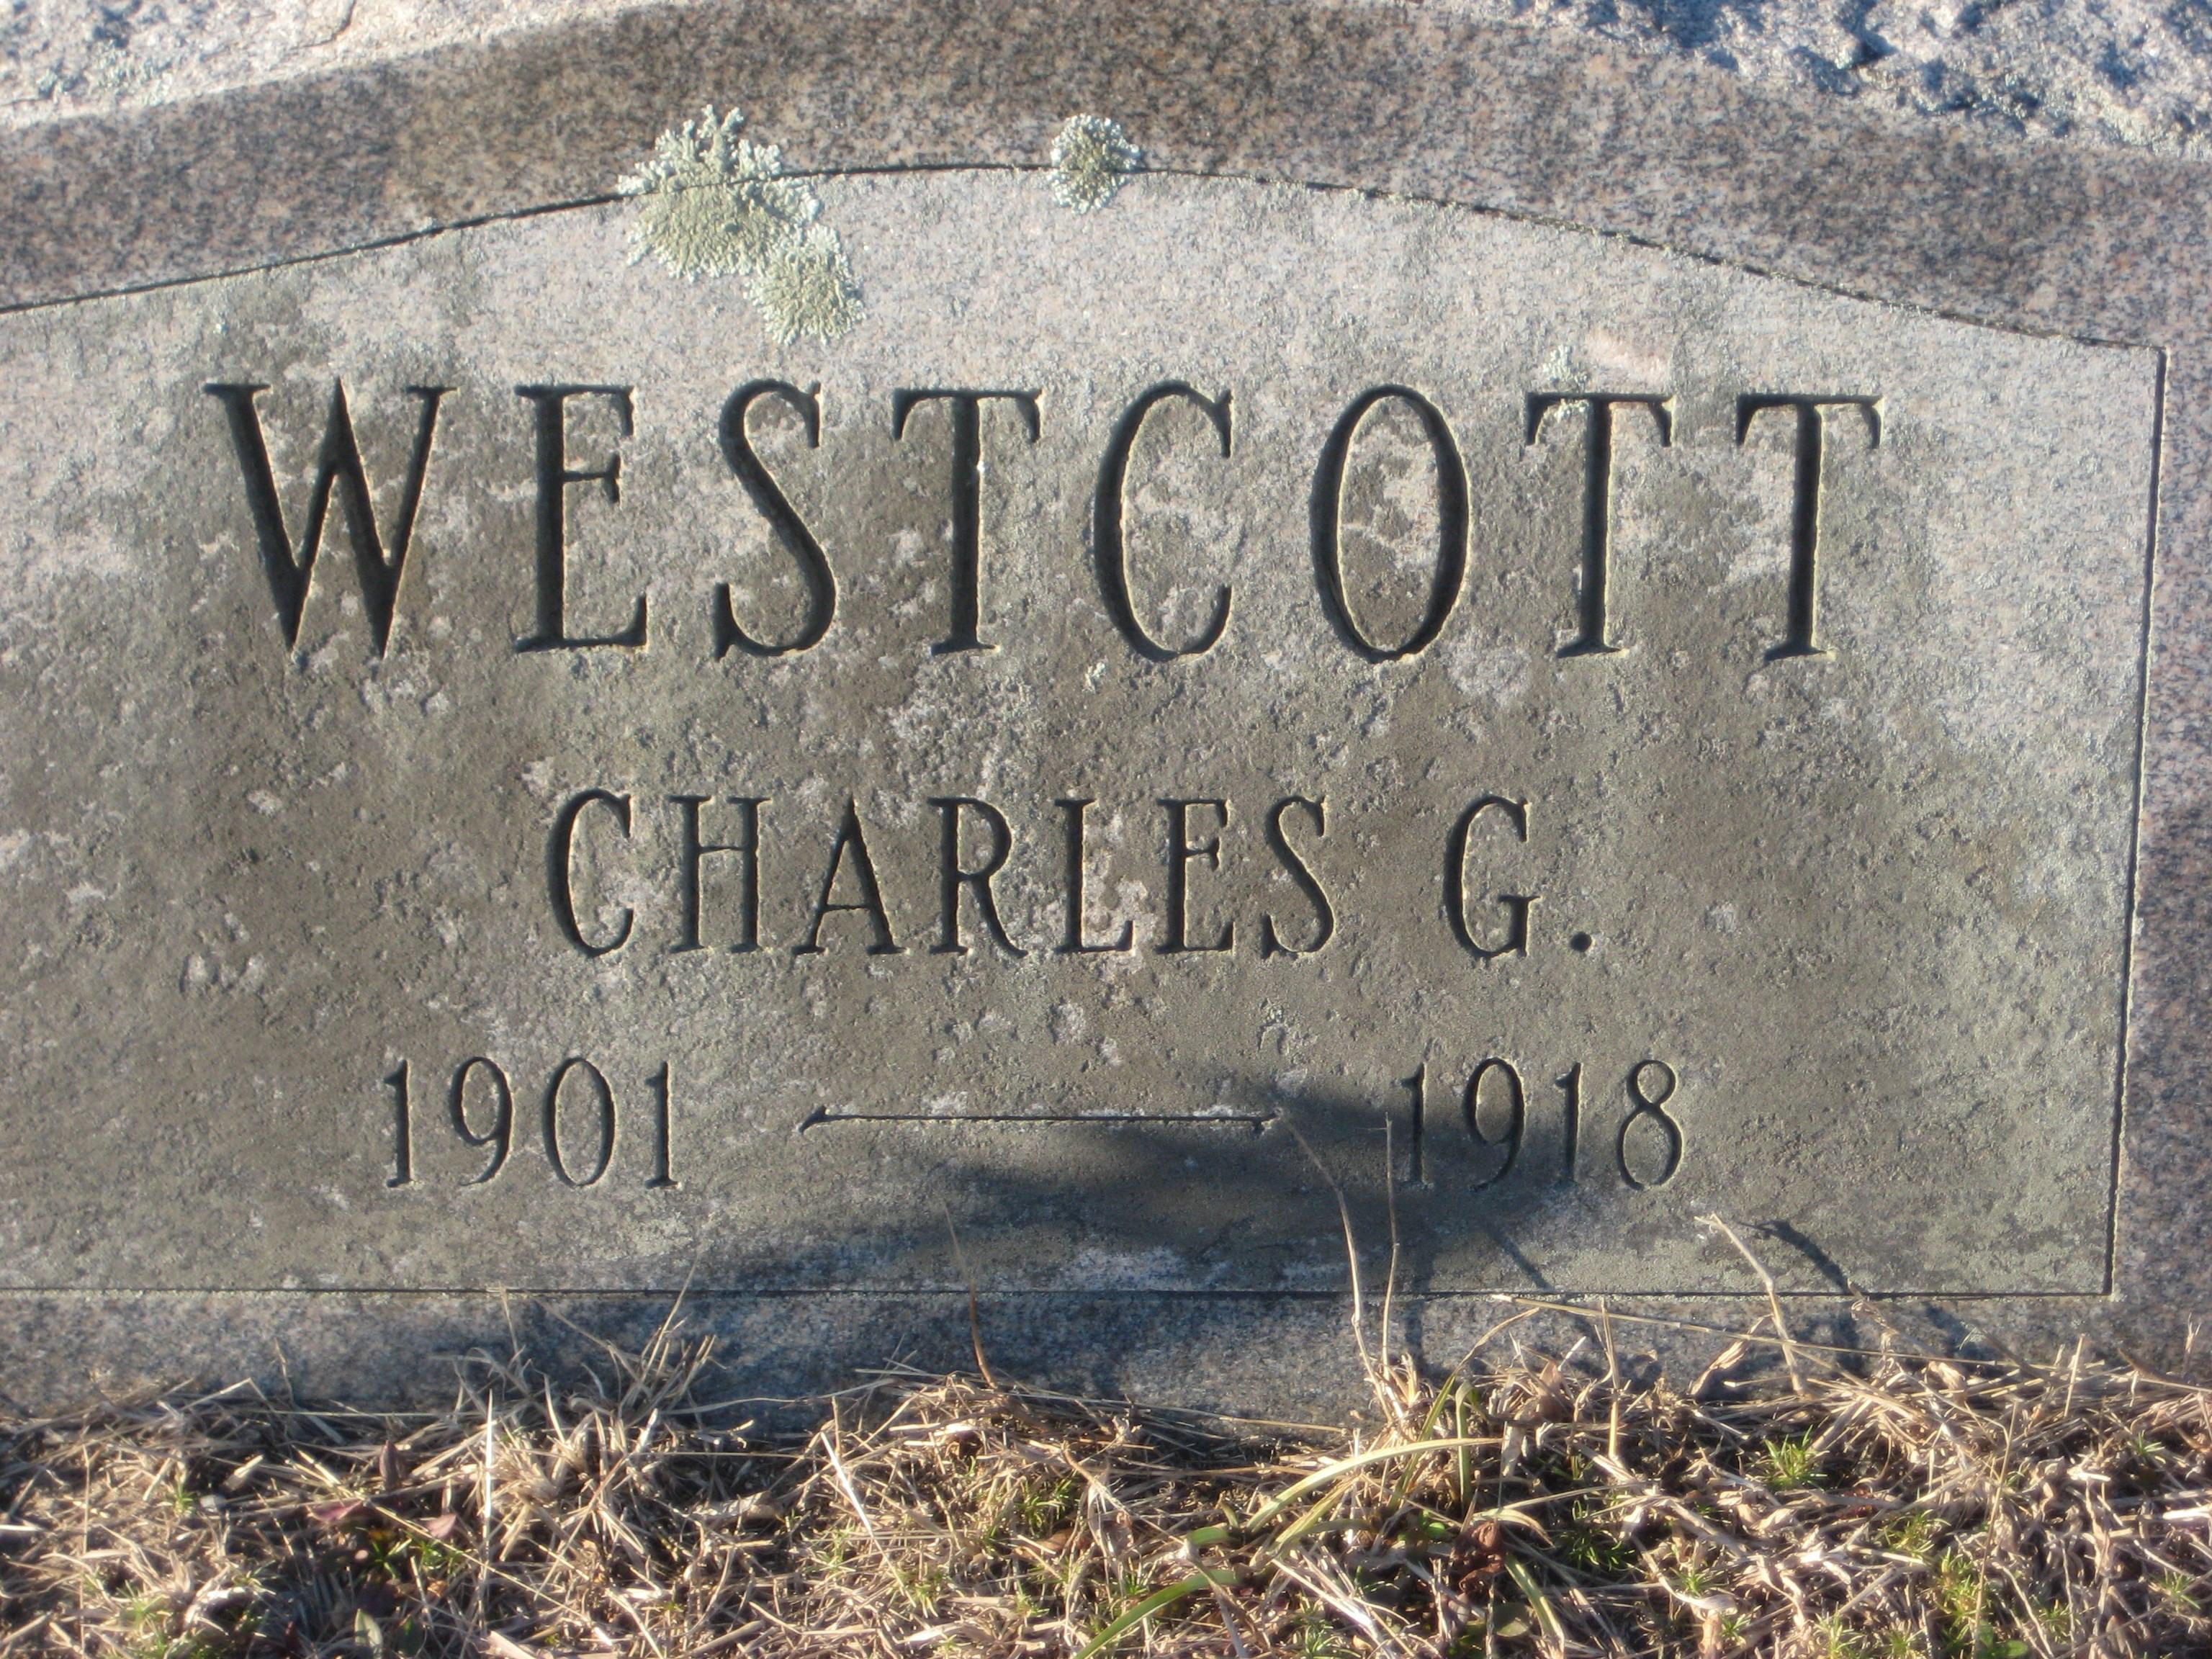 Charles R Wescott